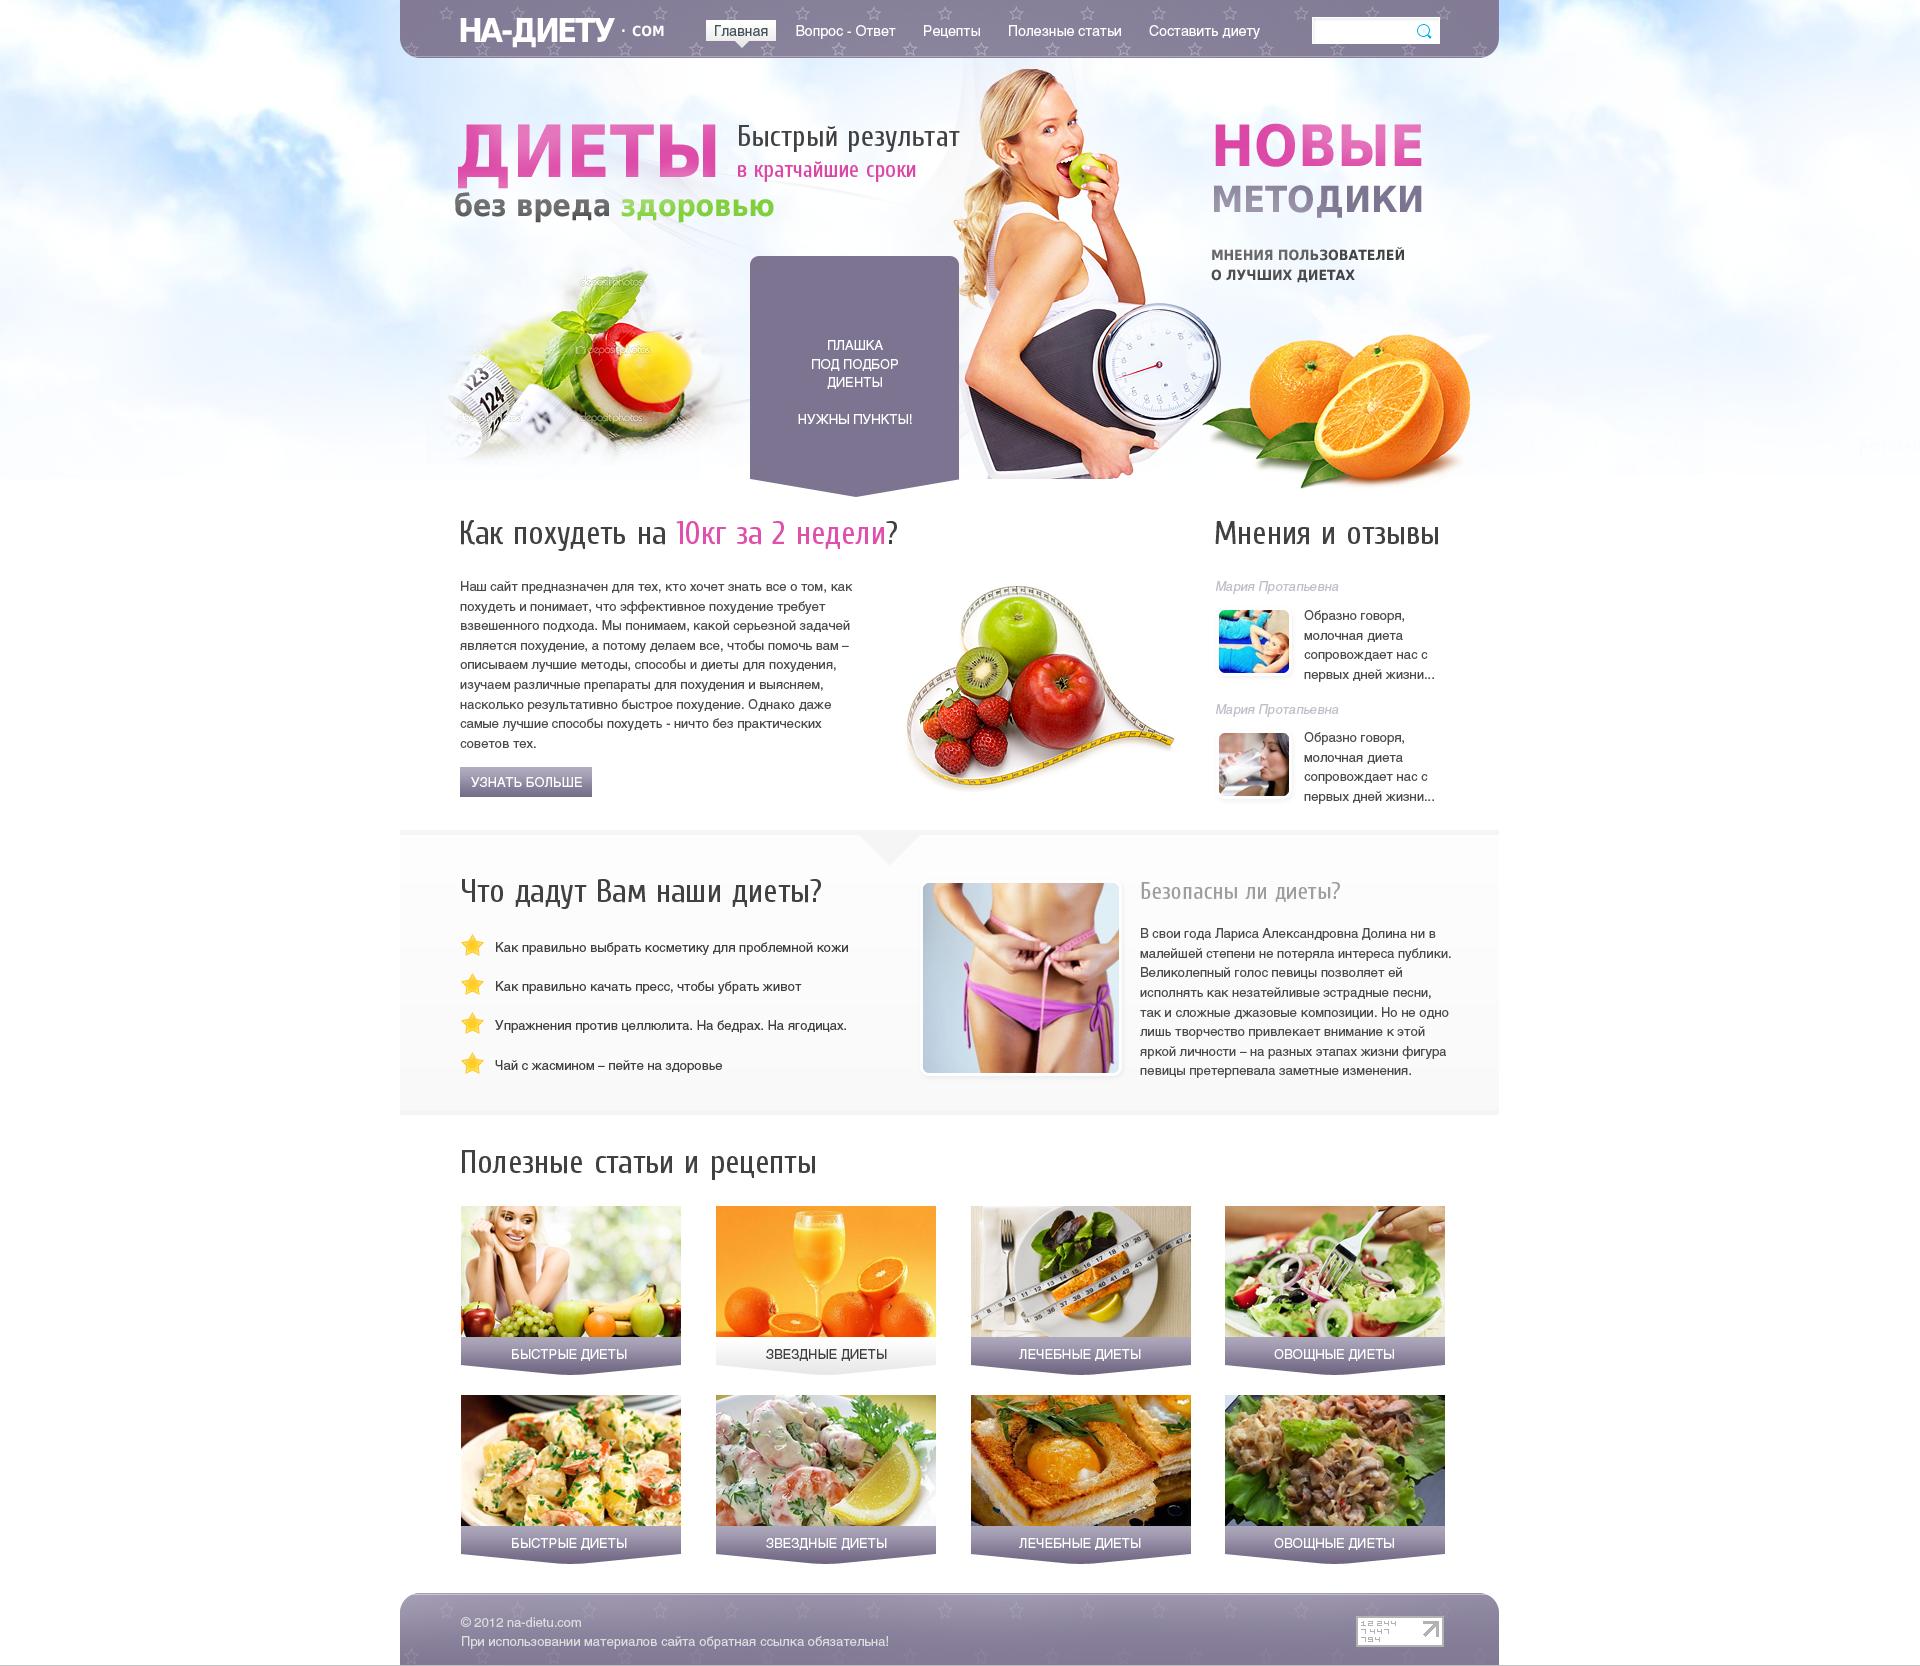 Бесплатный Рецепты О Похудении. Реально эффективные способы похудения для женщин в домашних условиях